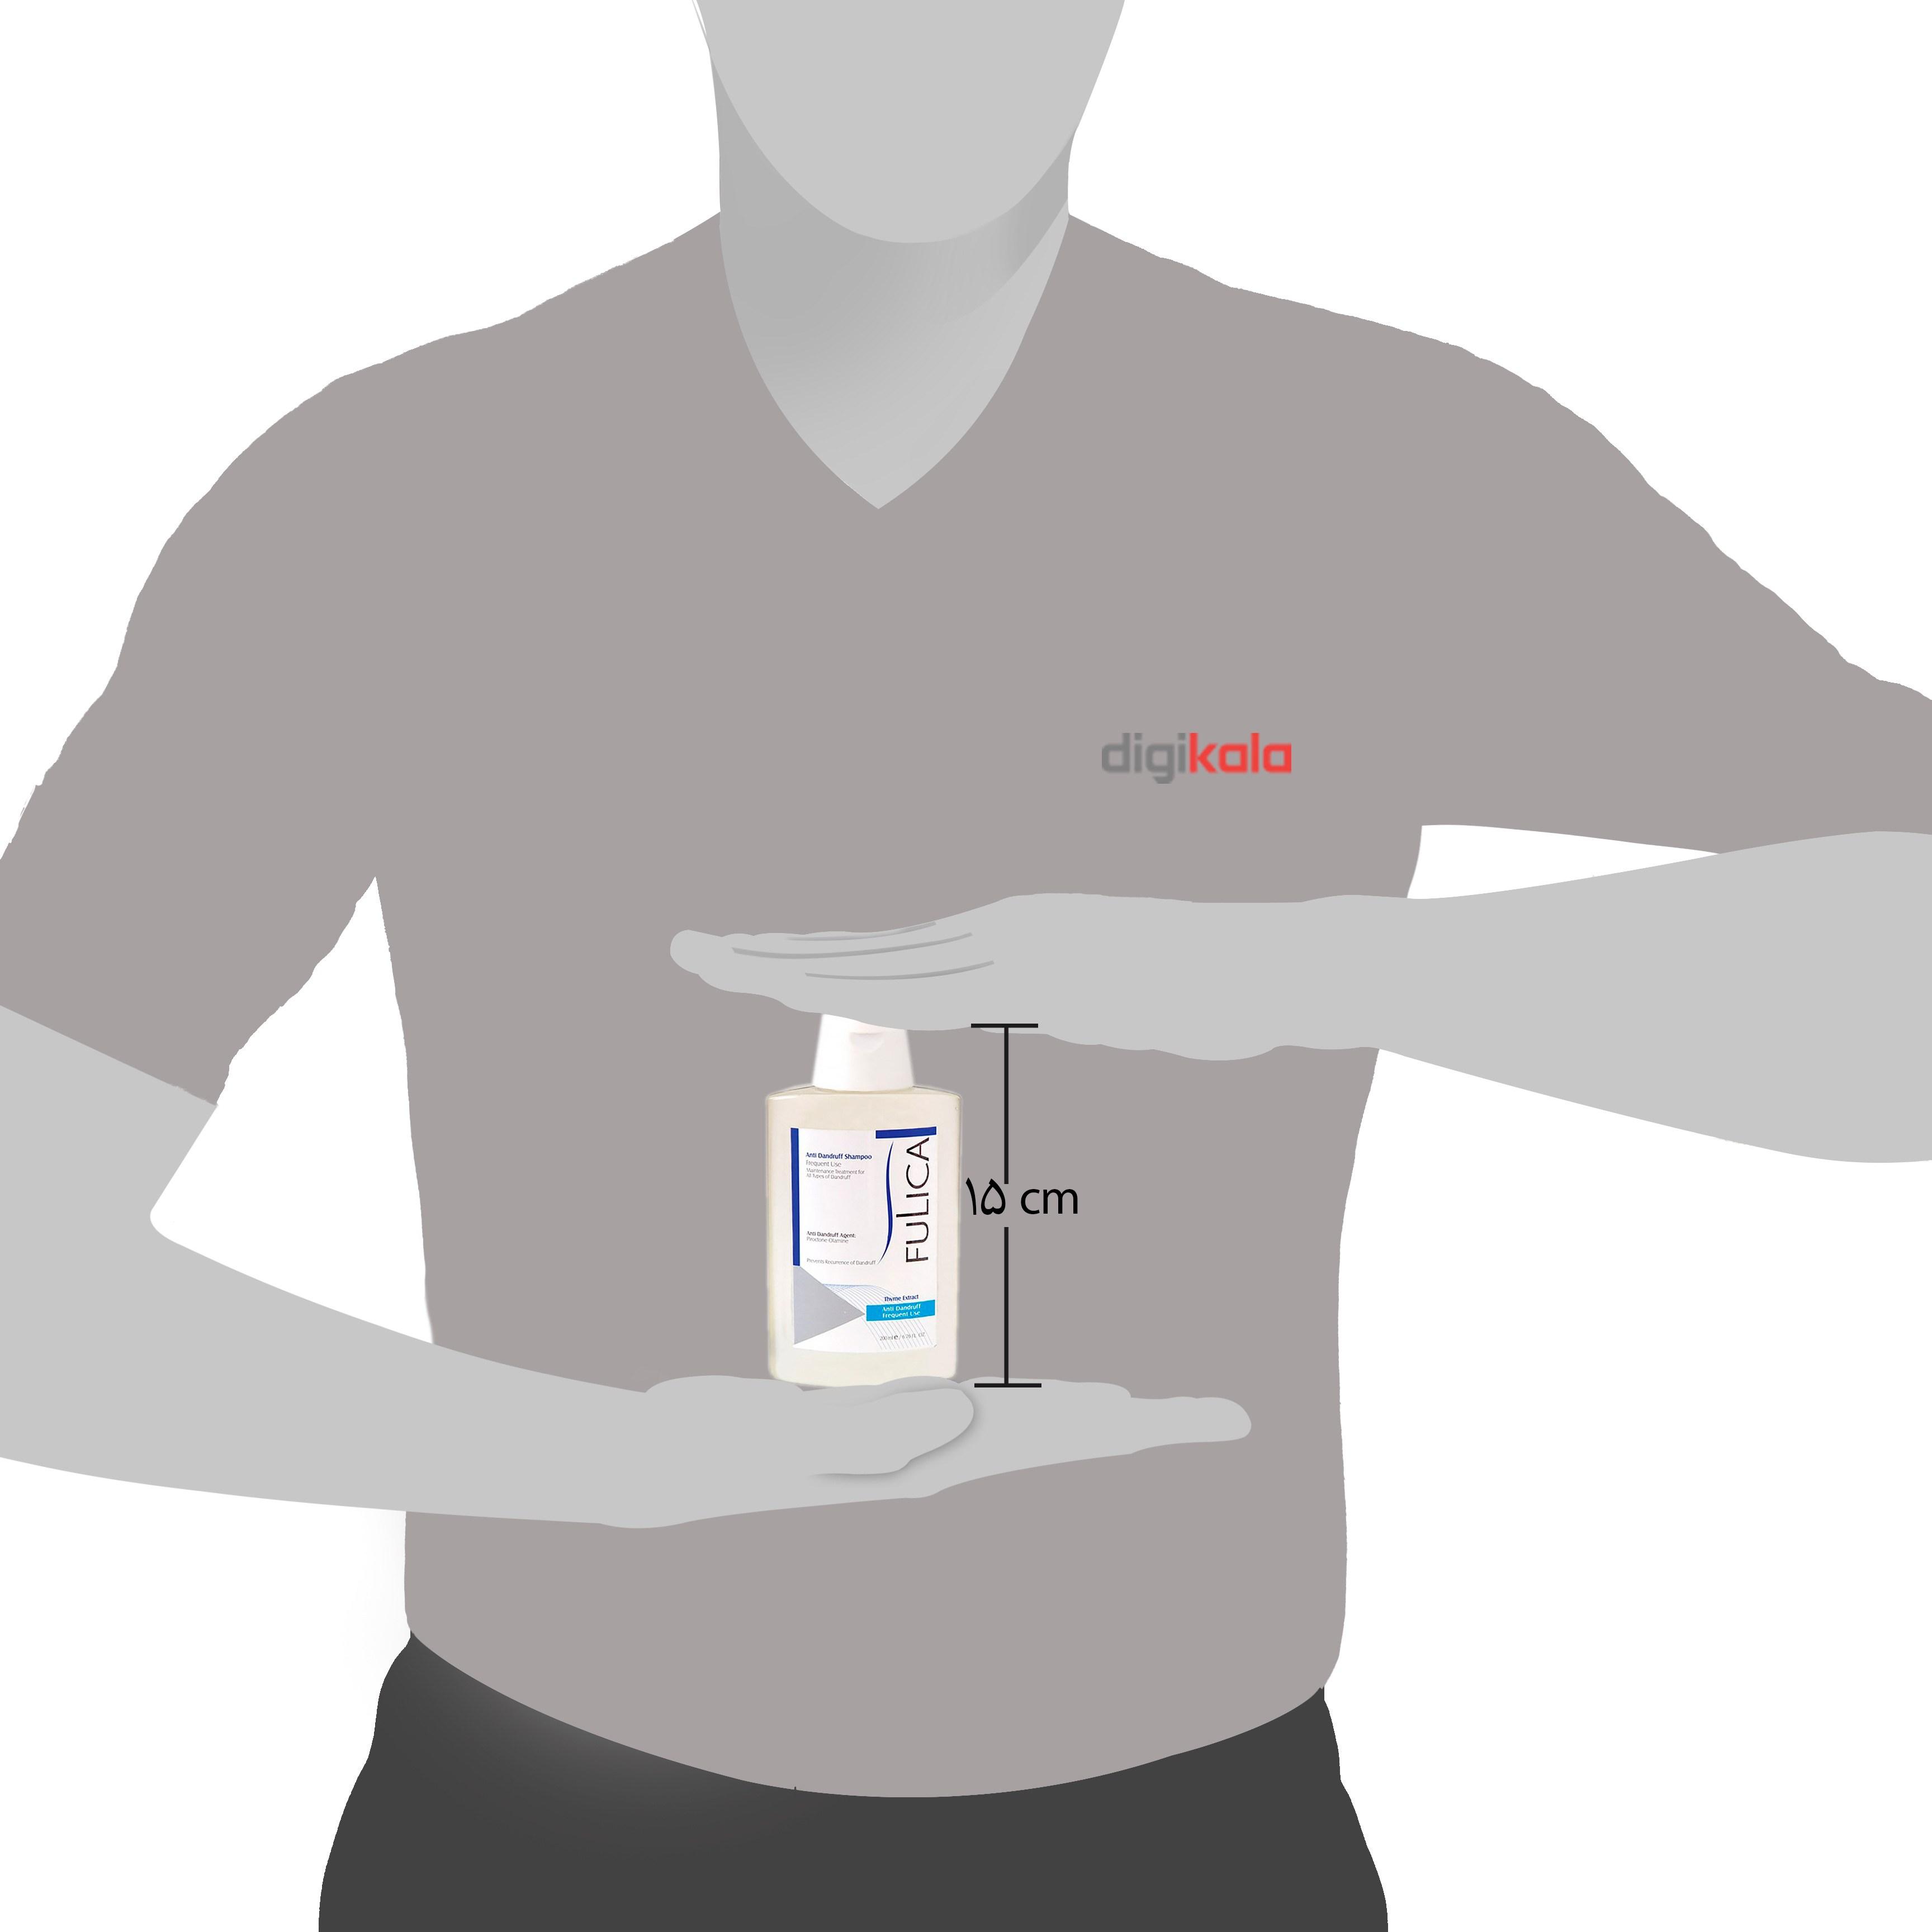 شامپو ضد شوره فولیکا جهت مصرف روزانه حجم 200 میلی لیتر main 1 2